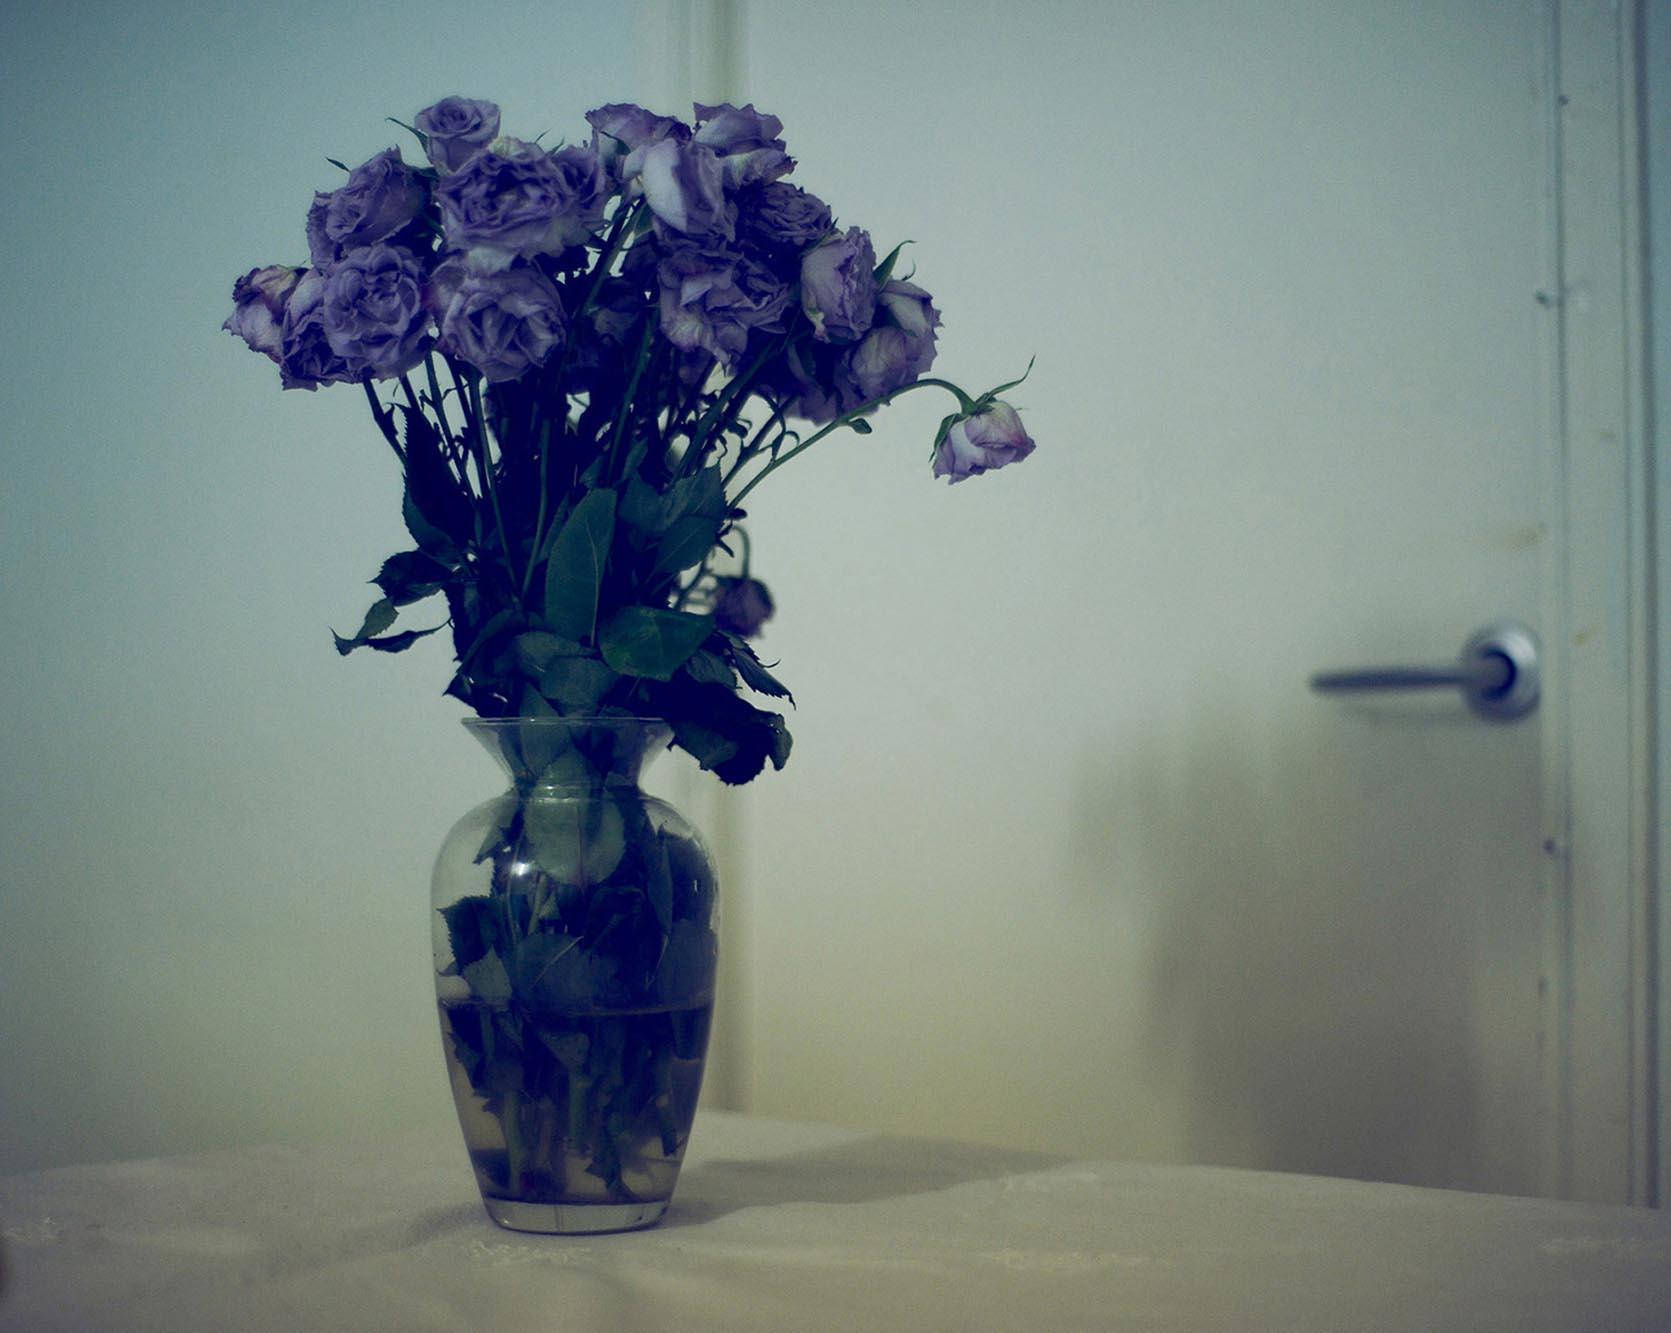 Noel McLaughlin Flowers in Vase